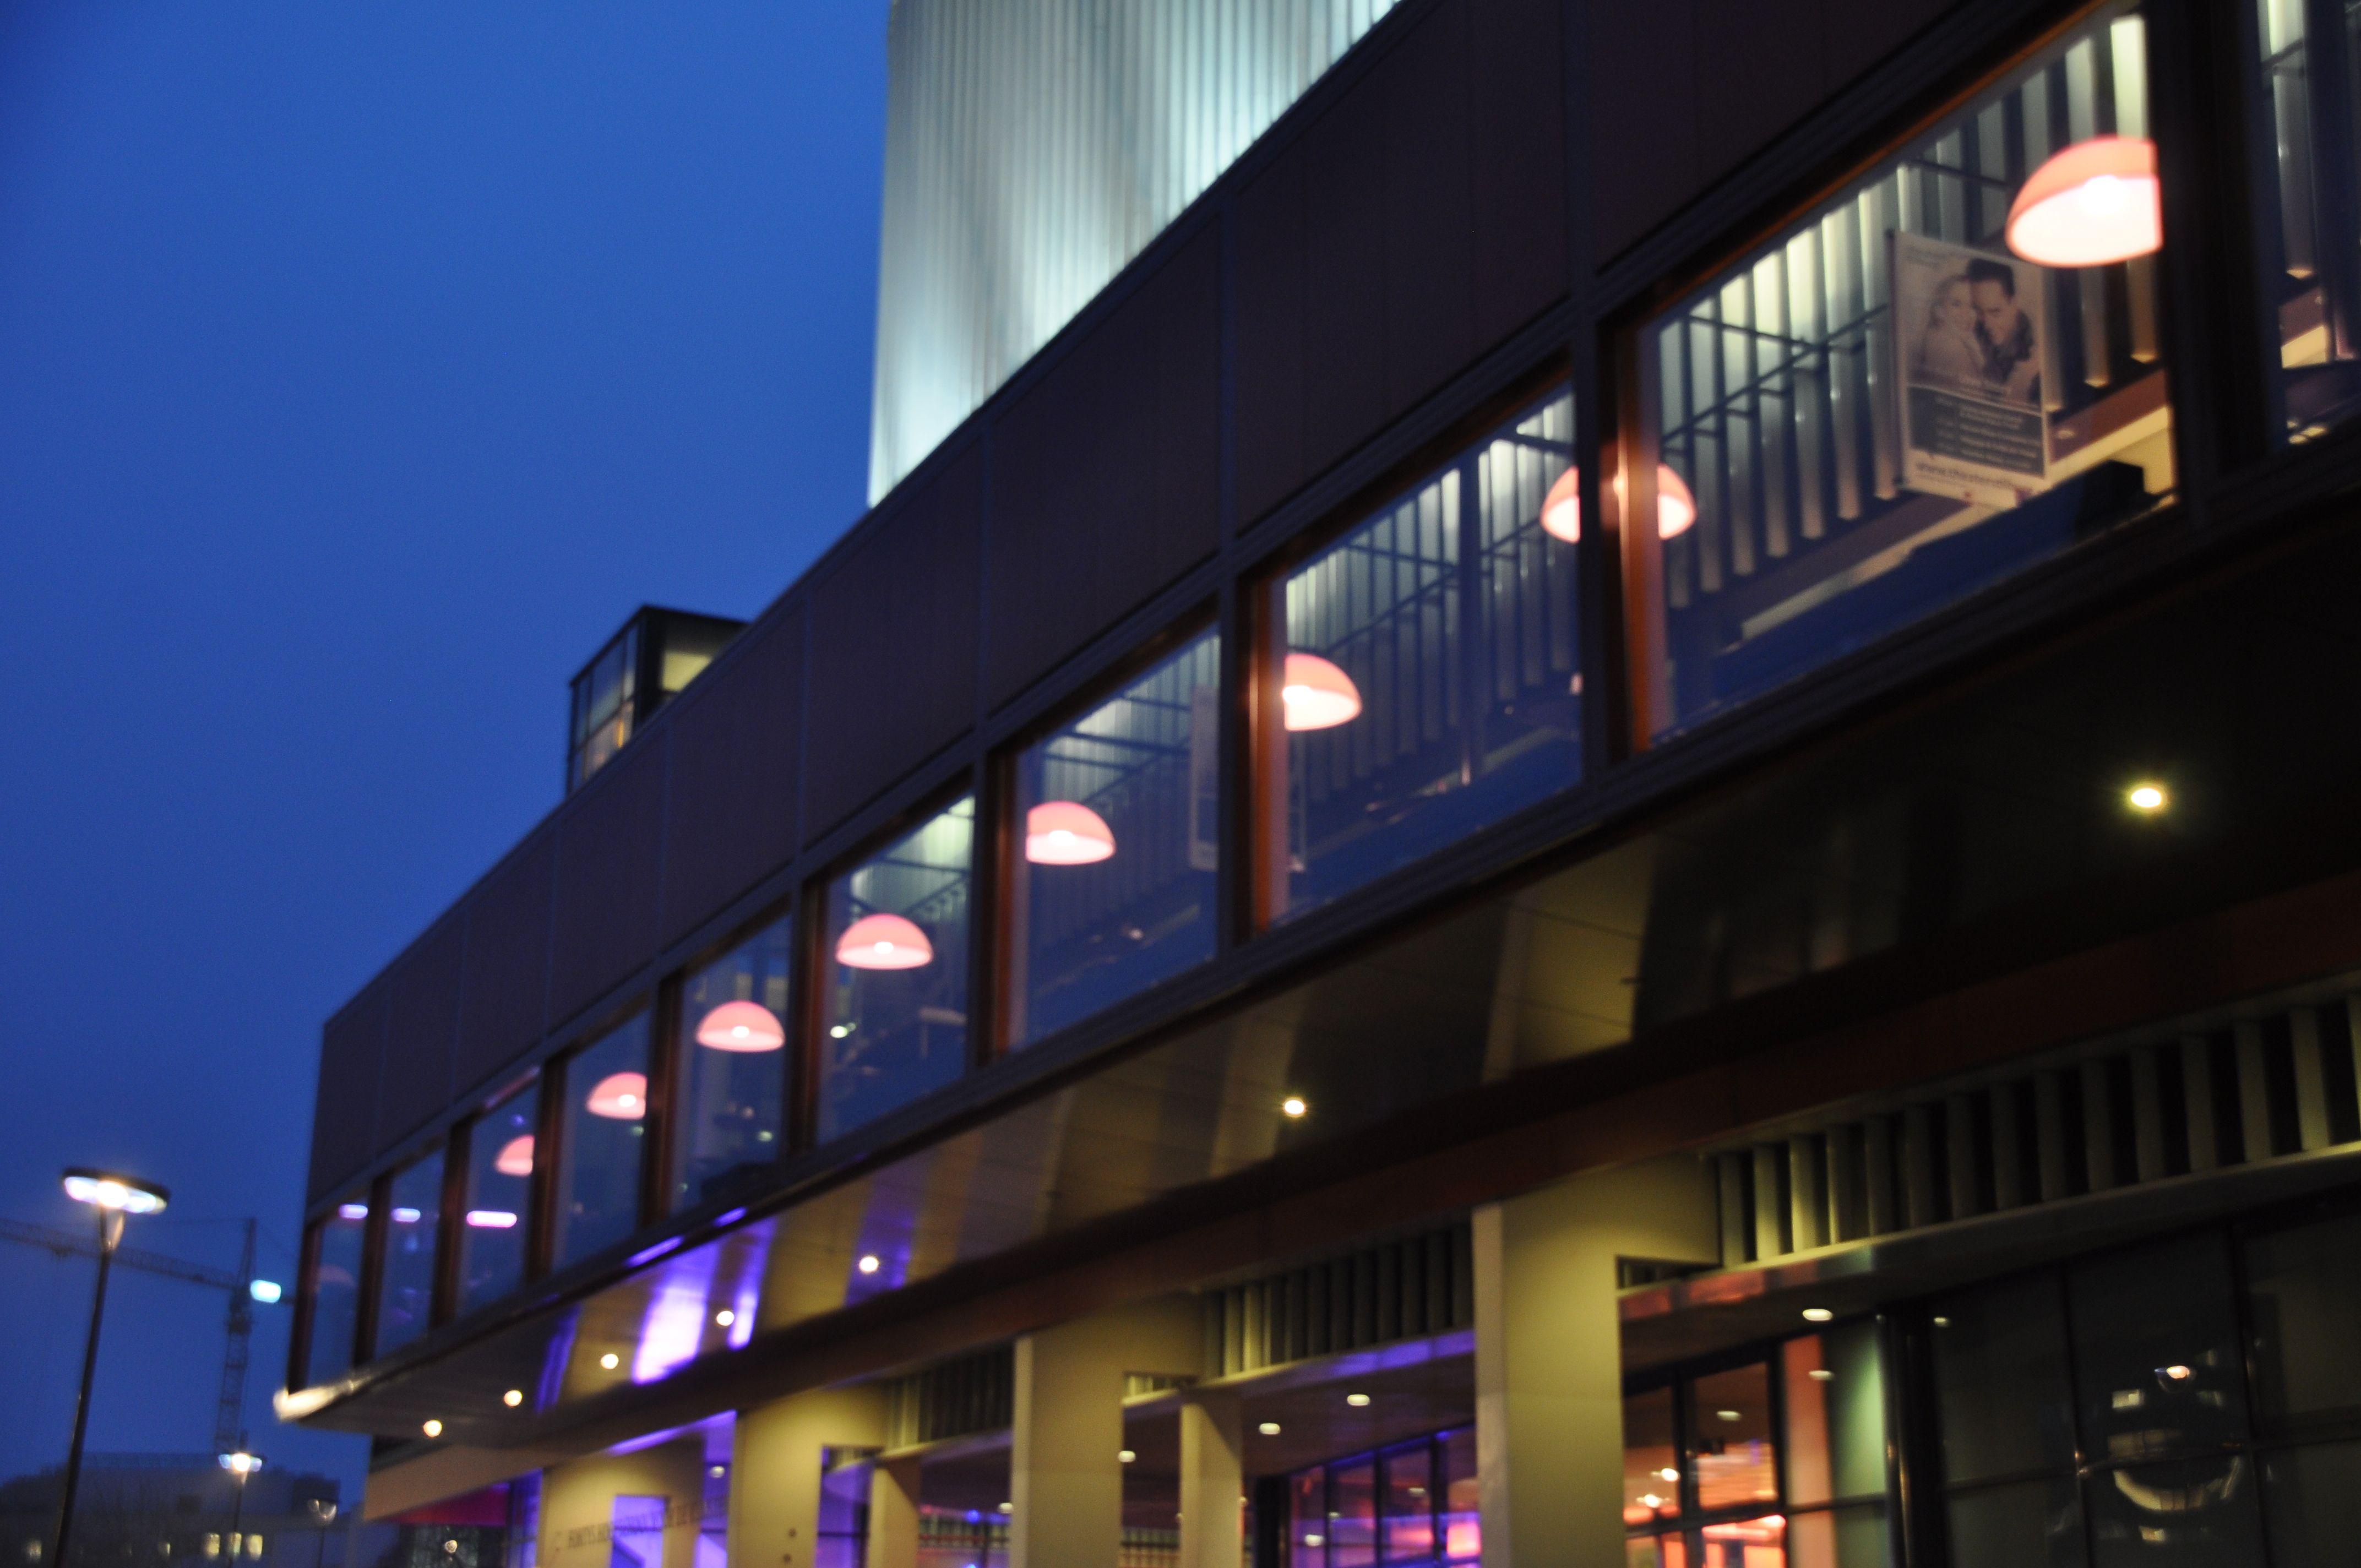 prachtige kayradome armaturen in theater tilburg sfeerlicht theaterlight verlichting